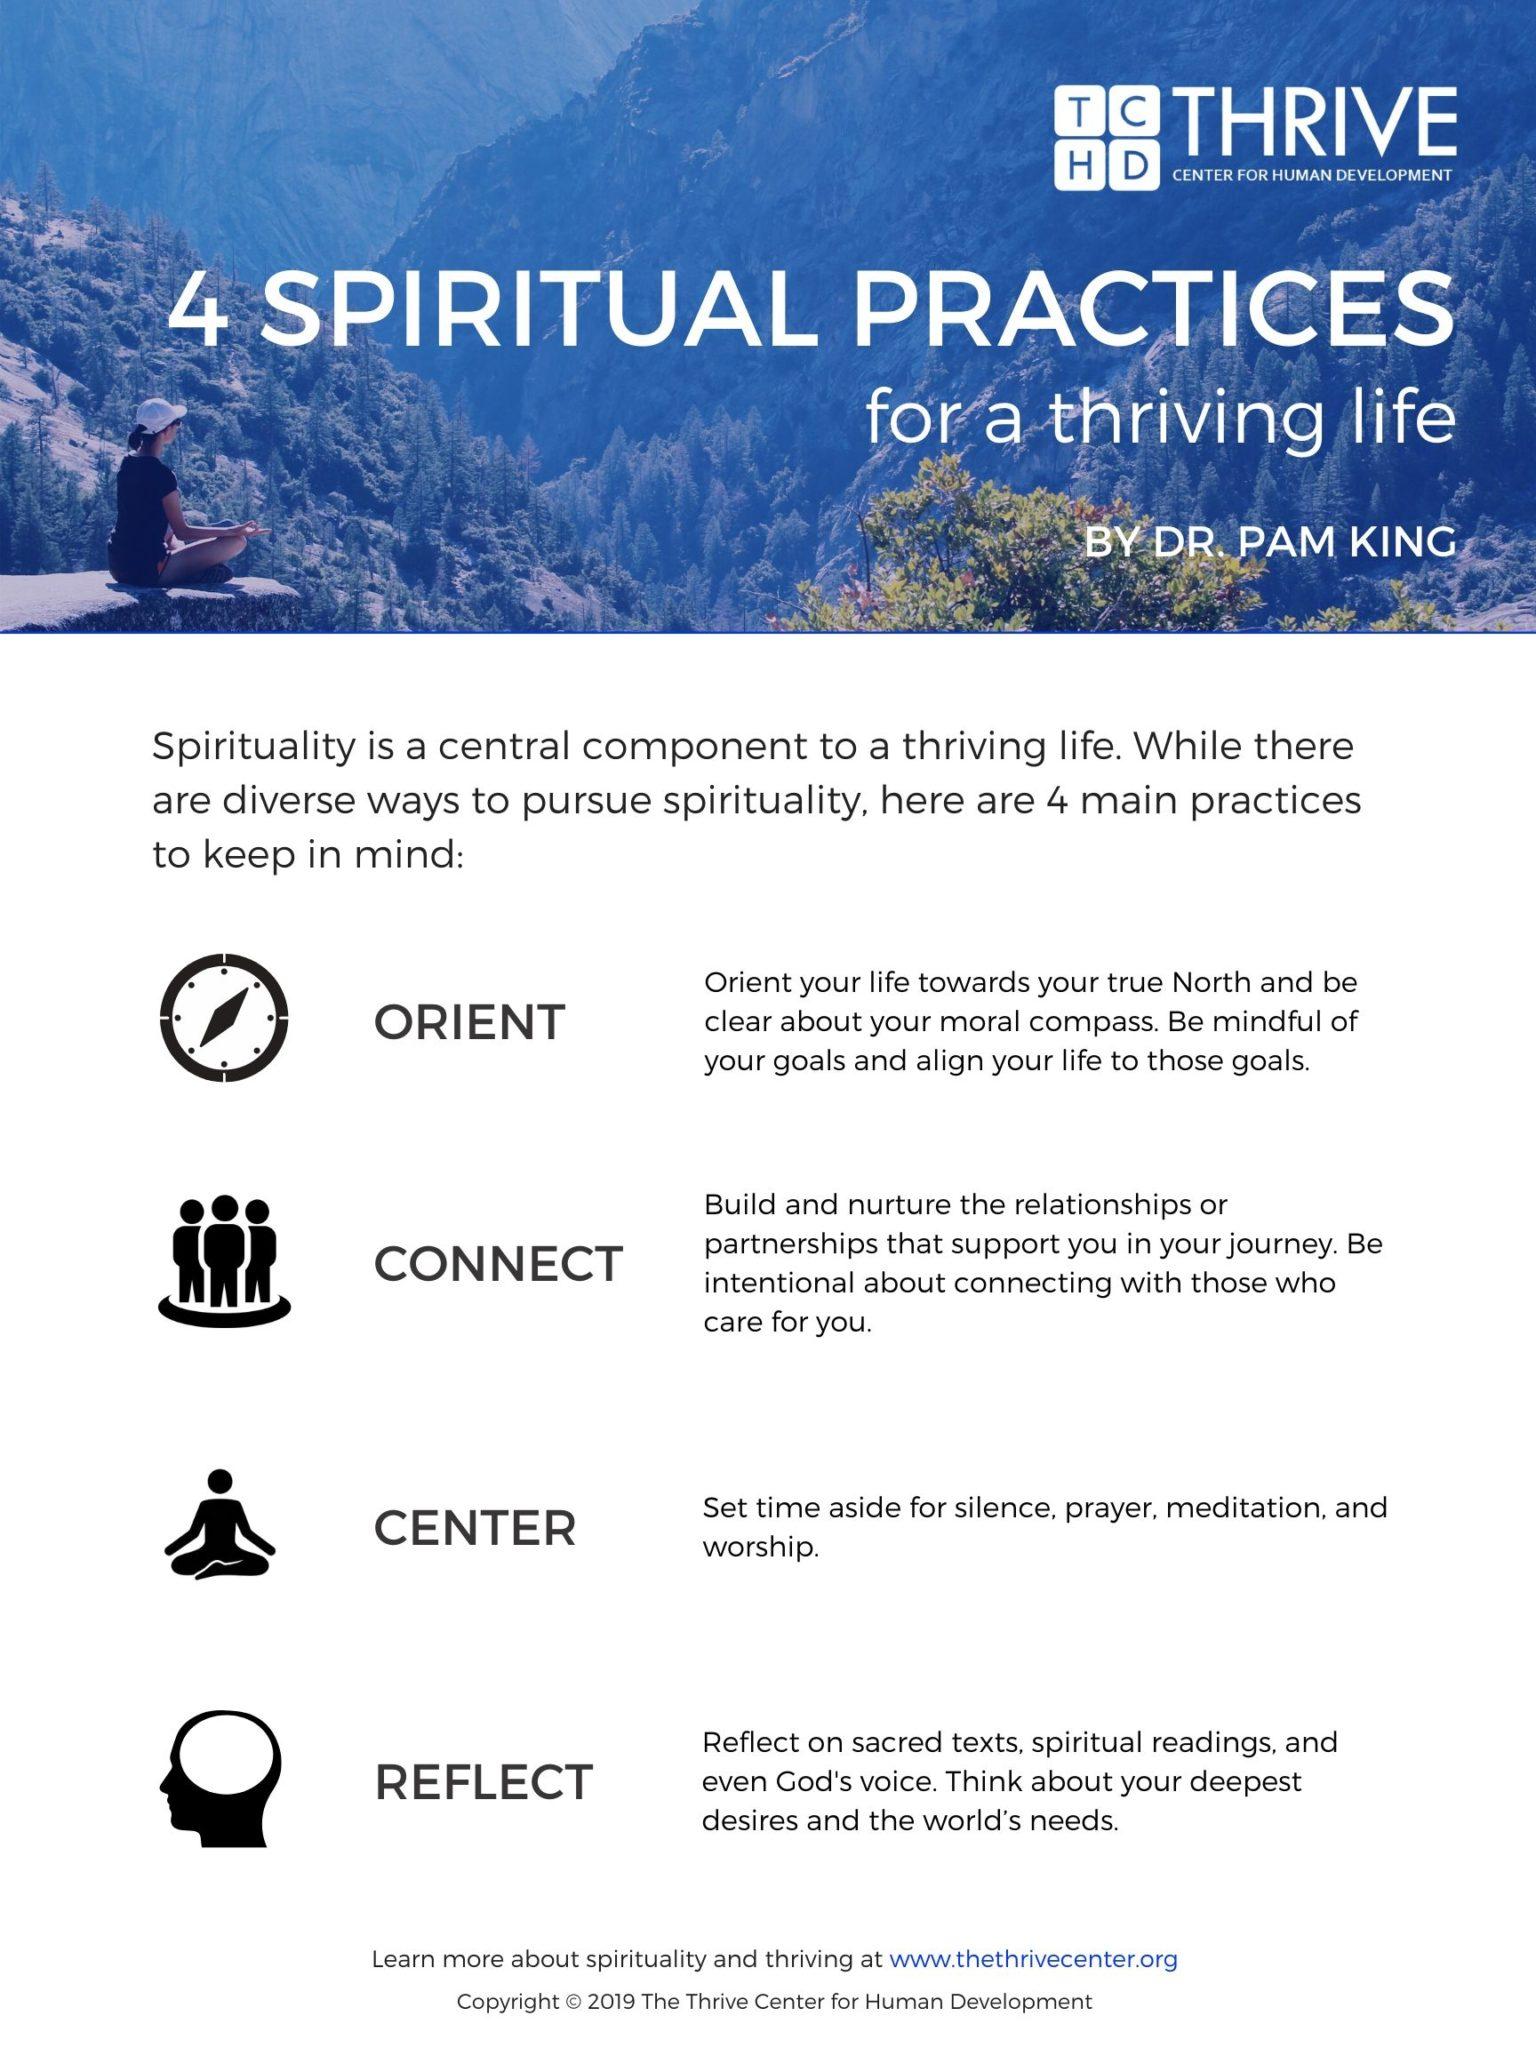 4 Spiritual Practices Preview